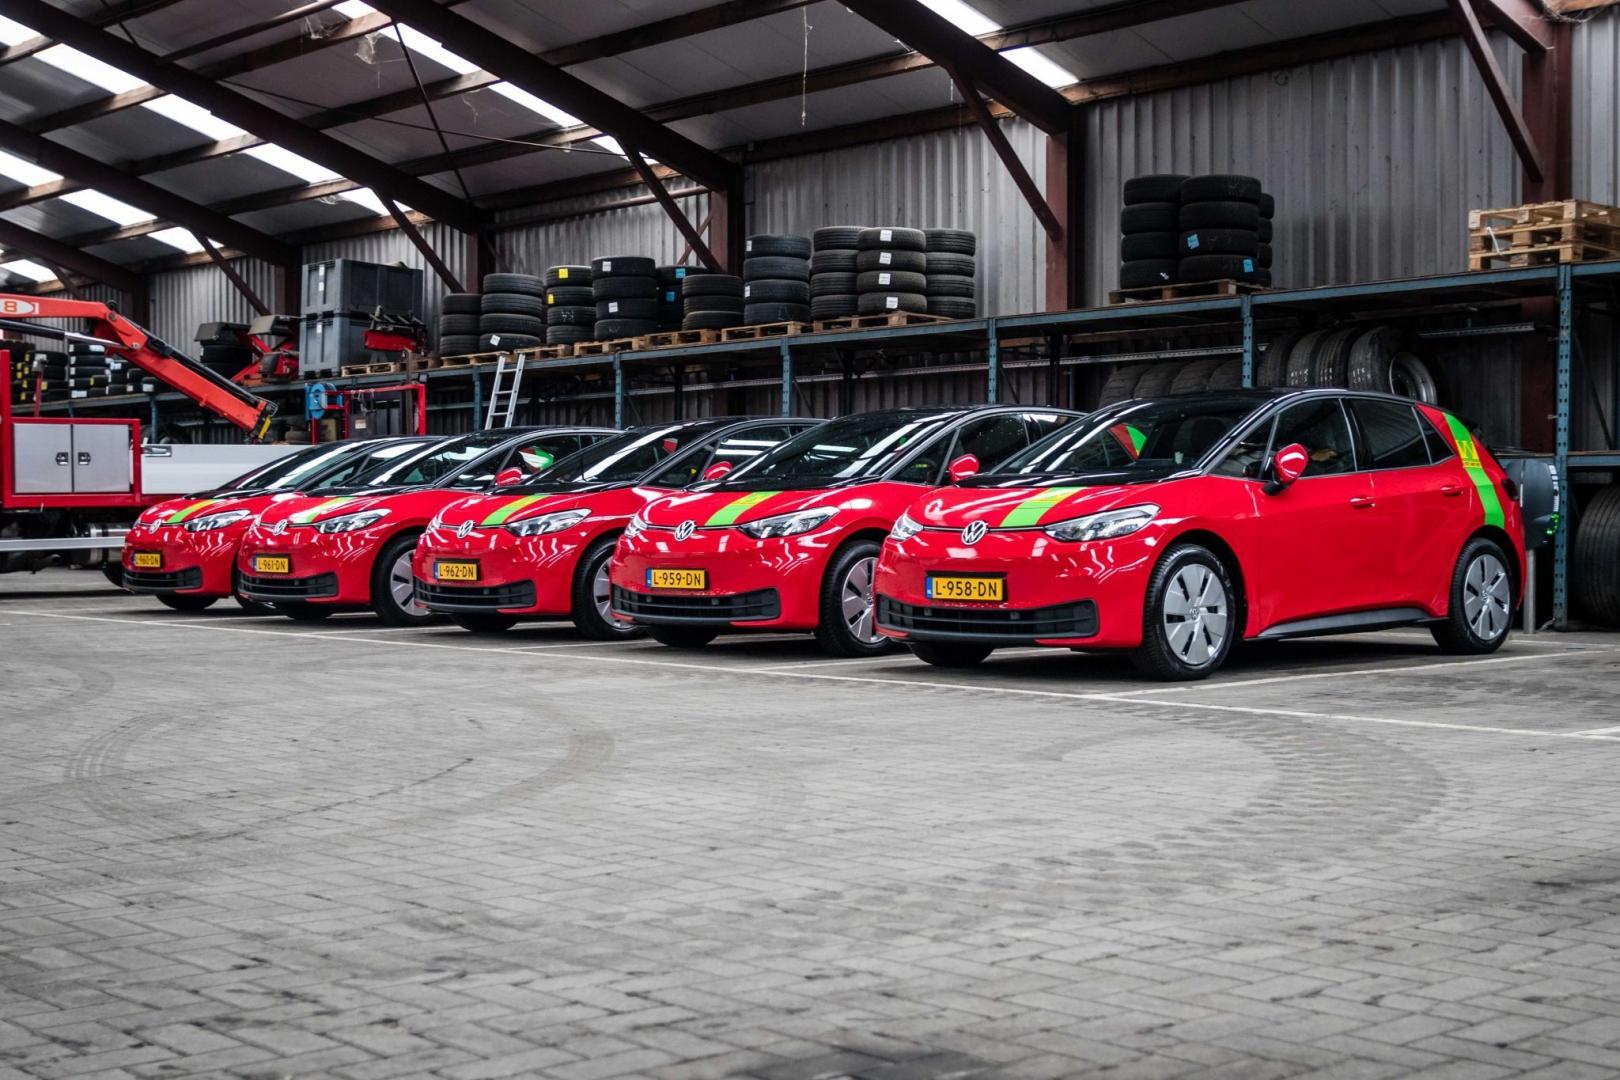 Emissieloos woon-werkverkeer met nieuwe personenauto's